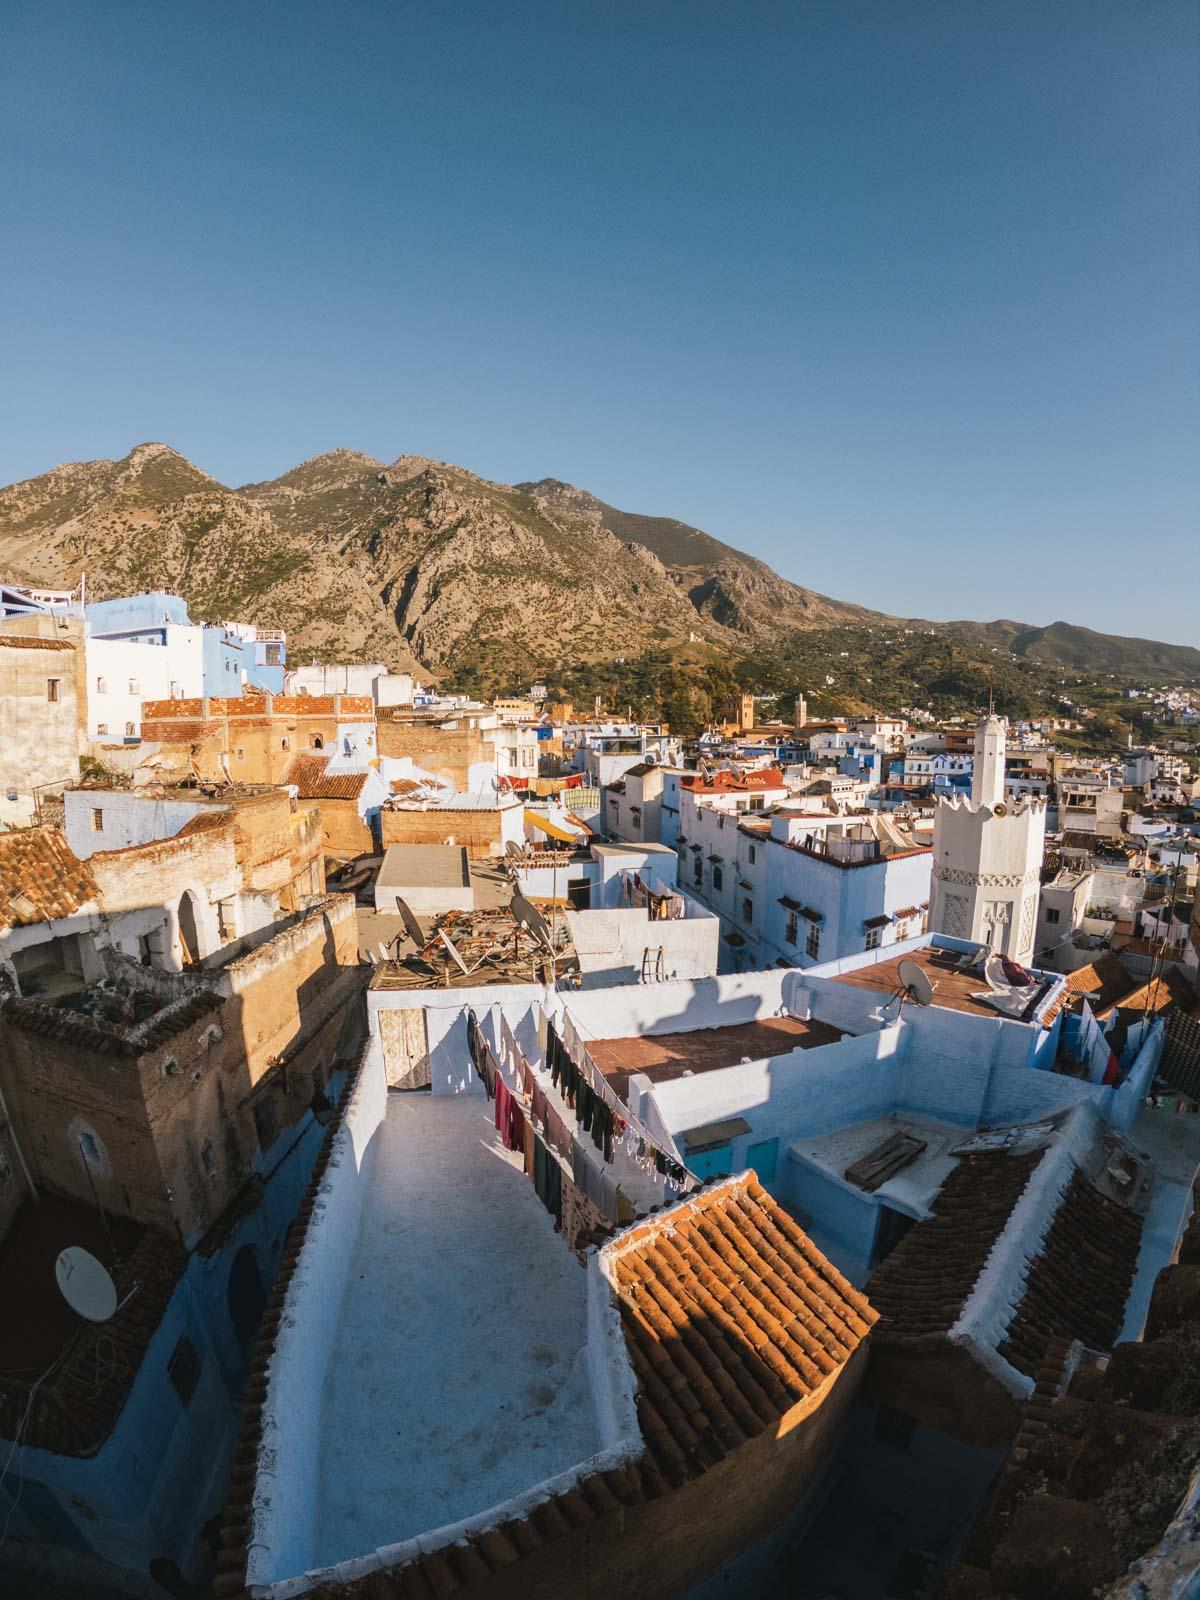 Vue sur la médina et la chaine de montagne du Rif au Maroc - Nomade Amoureux